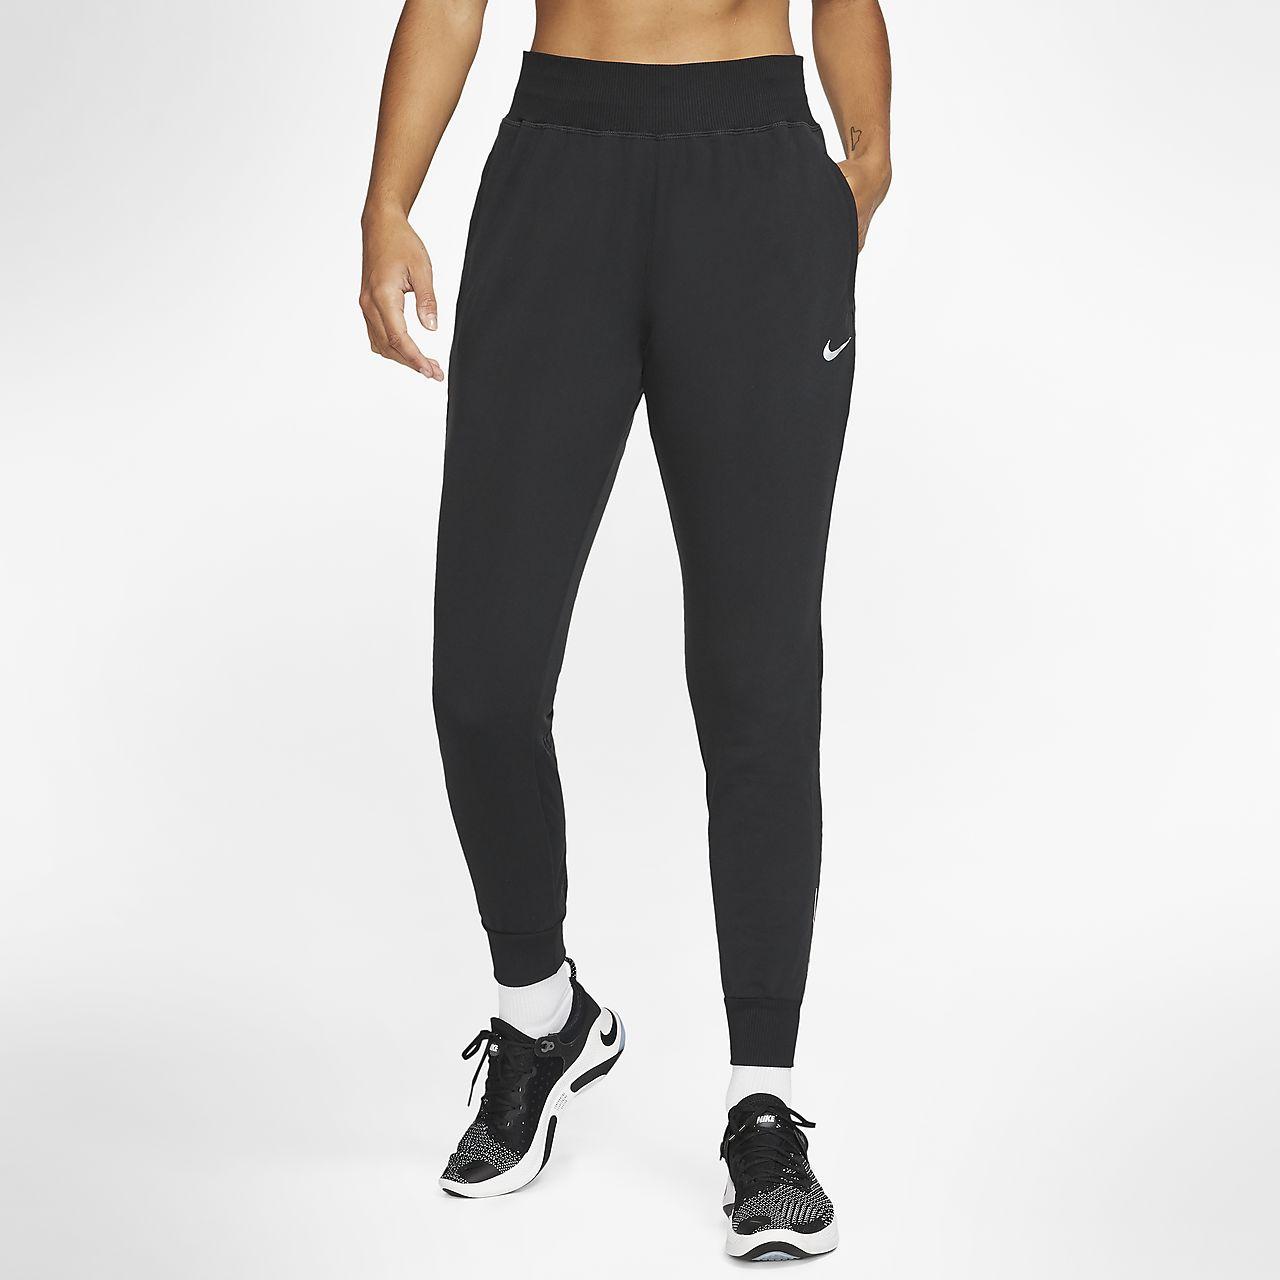 Essential Pour Pantalon De Running Femme Nike Be 1qq0wHUx 352719bca5d